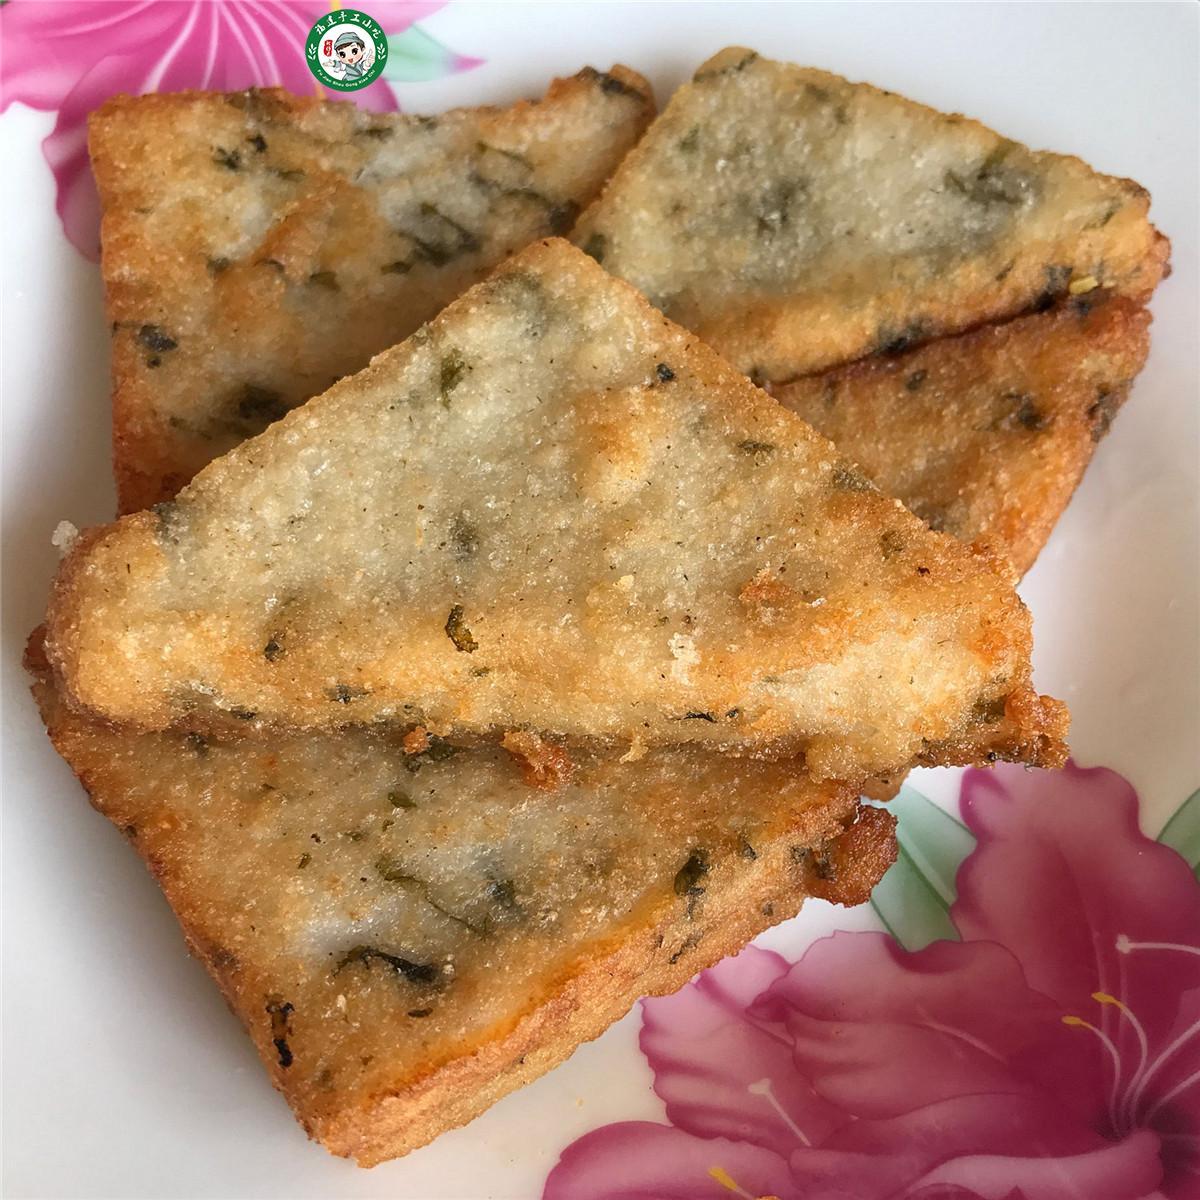 福建芋头糕三角糕福州特色小吃香芋糕米年糕糕点早点芋粿12片散装